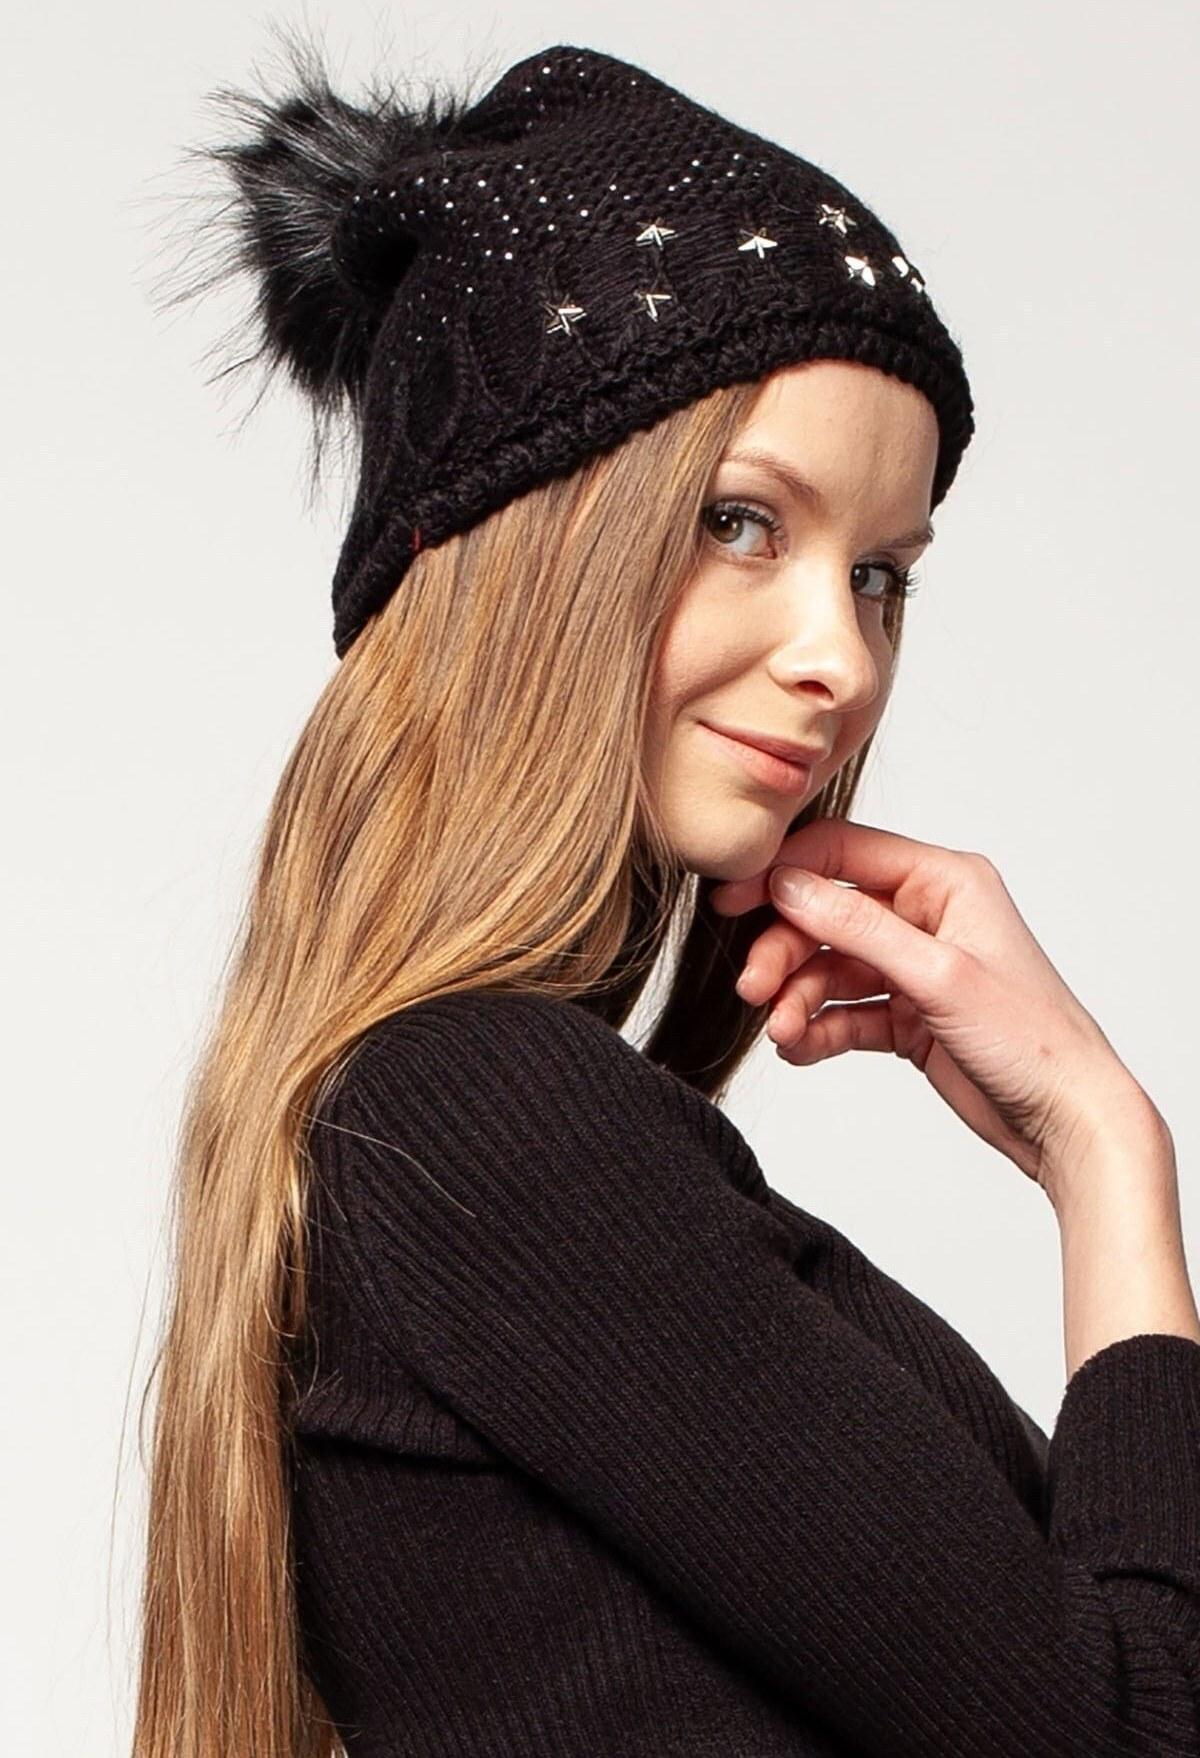 کلاه زنانه نگین دار مشکی برند Mossta کد 1608803368